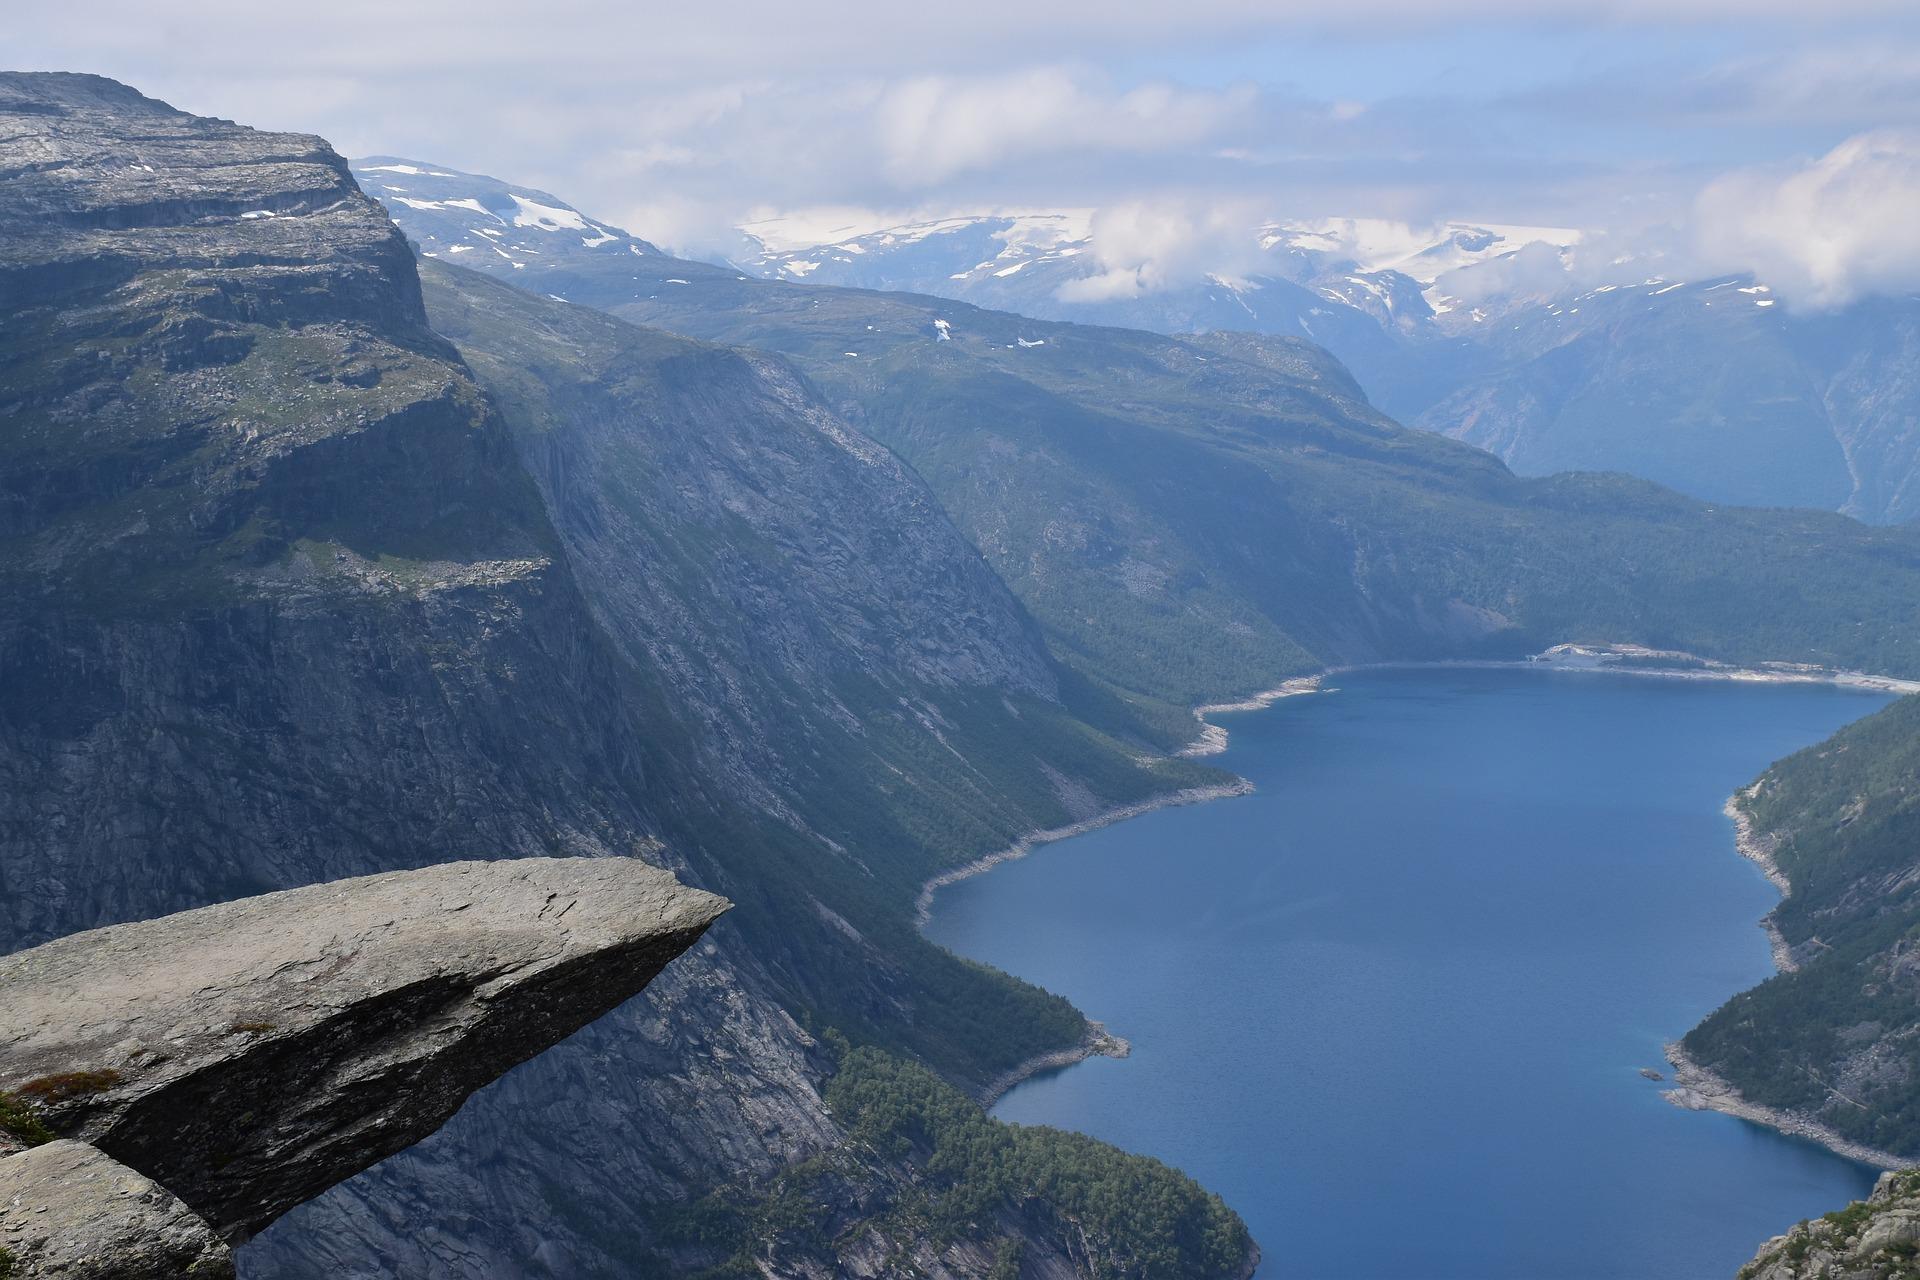 Norwegen: Wanderung zur Trolltunga